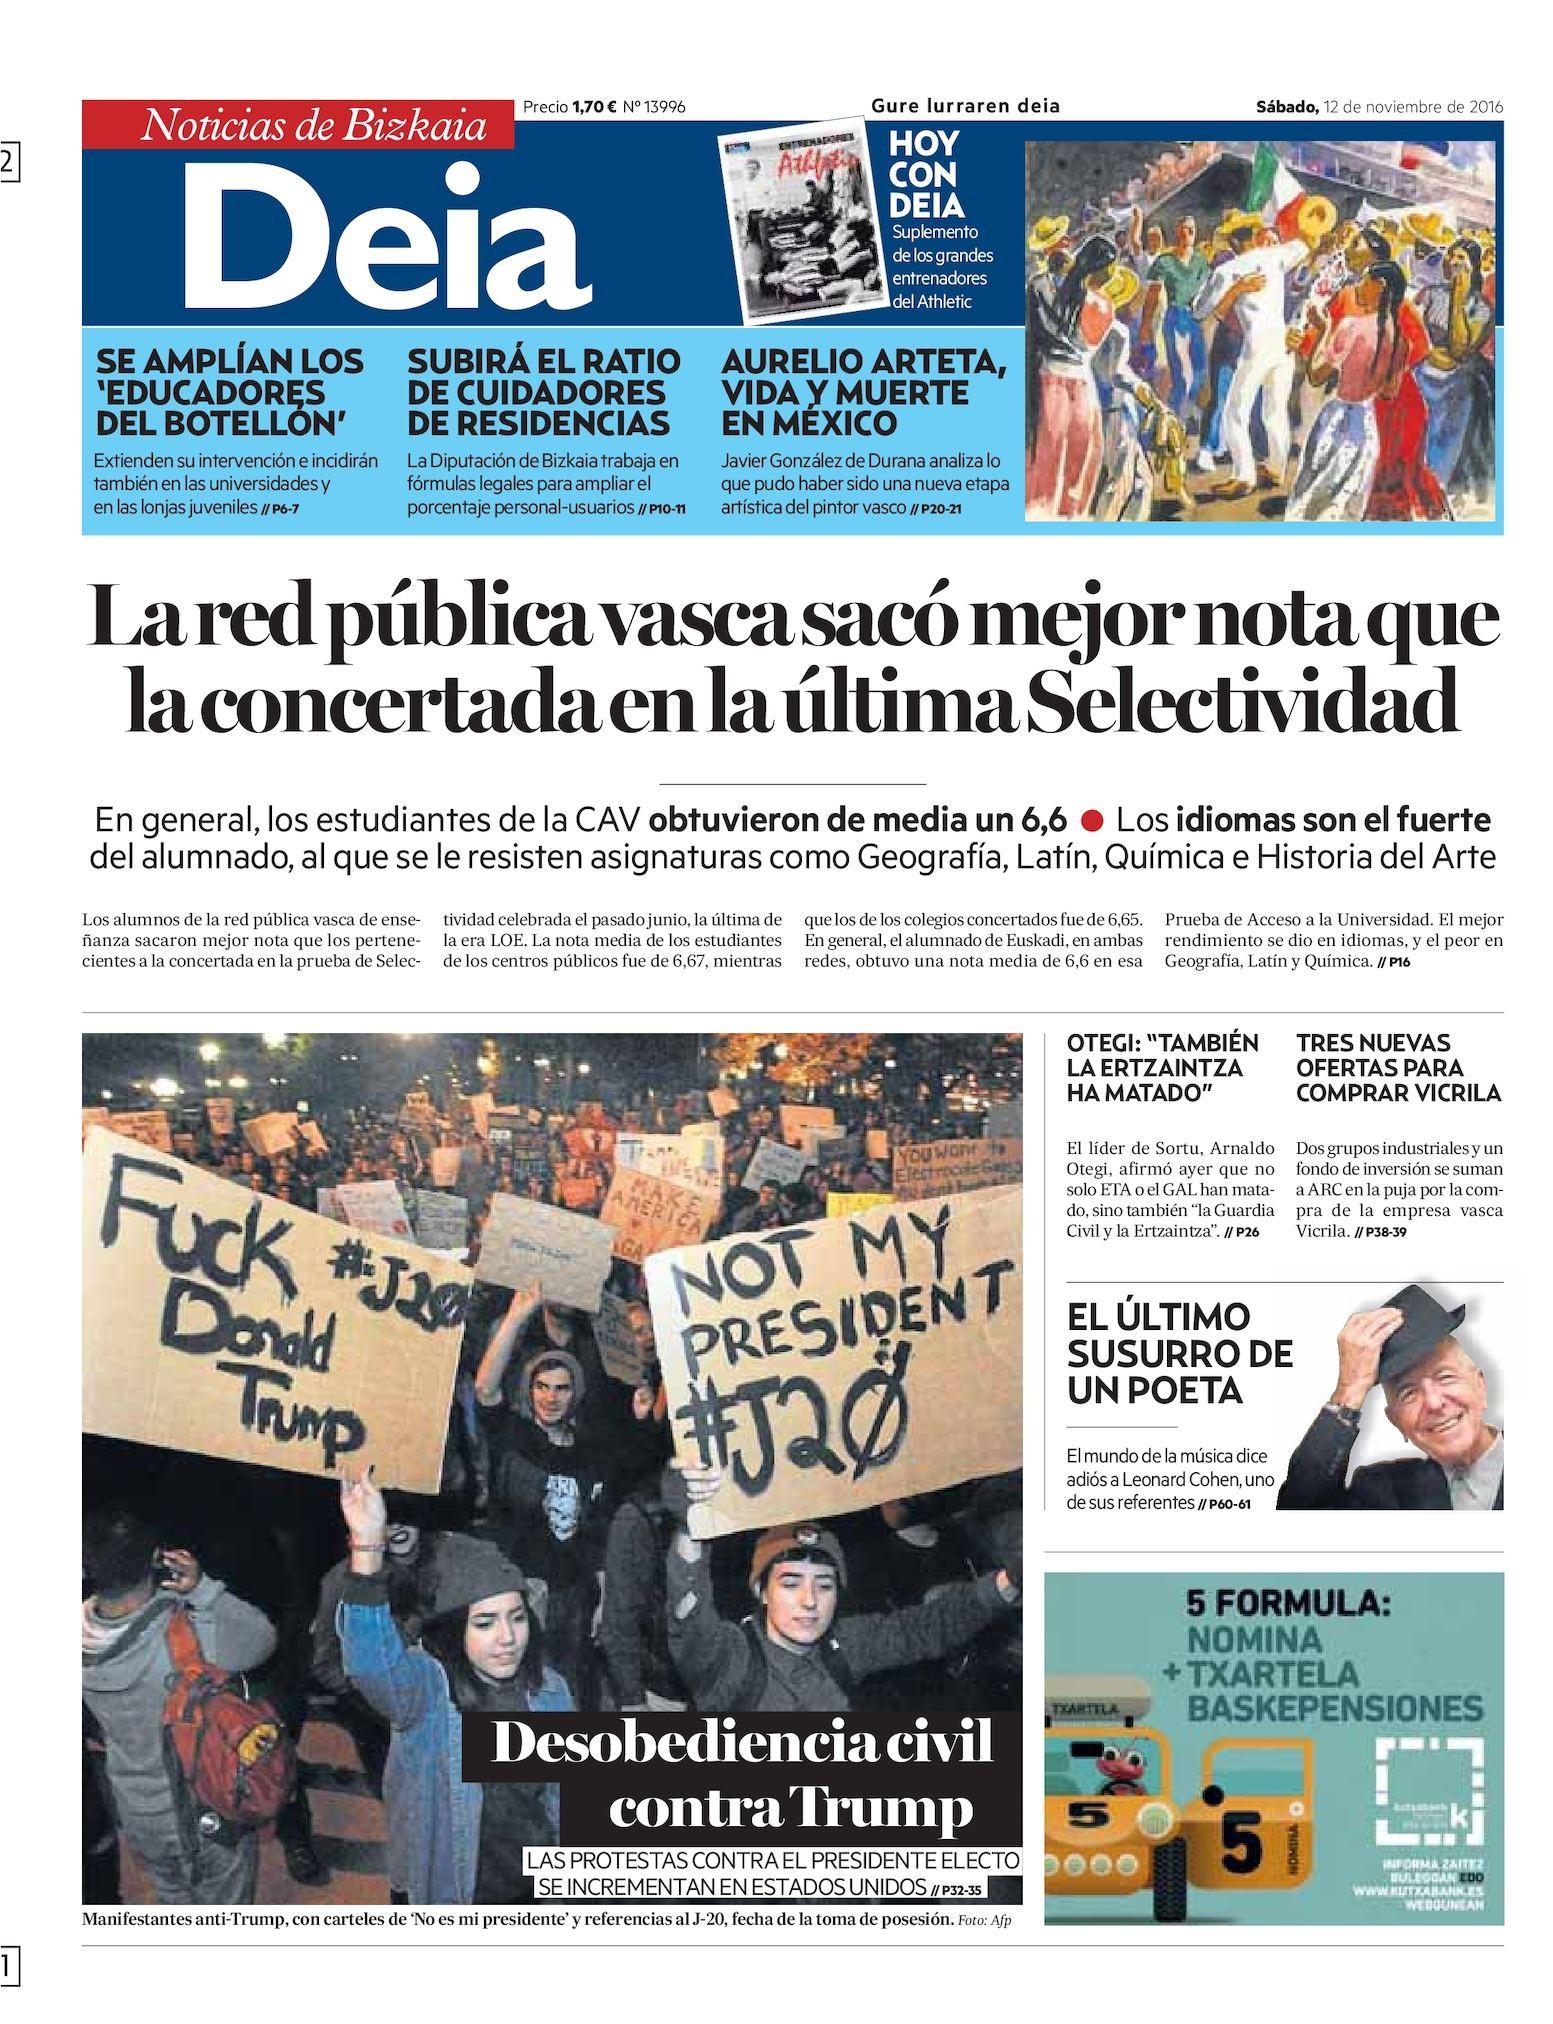 Calendario 2020 Generalitat De Catalunya Mejores Y Más Novedosos Calaméo Deia Of Calendario 2020 Generalitat De Catalunya Más Recientemente Liberado Mrw Falset